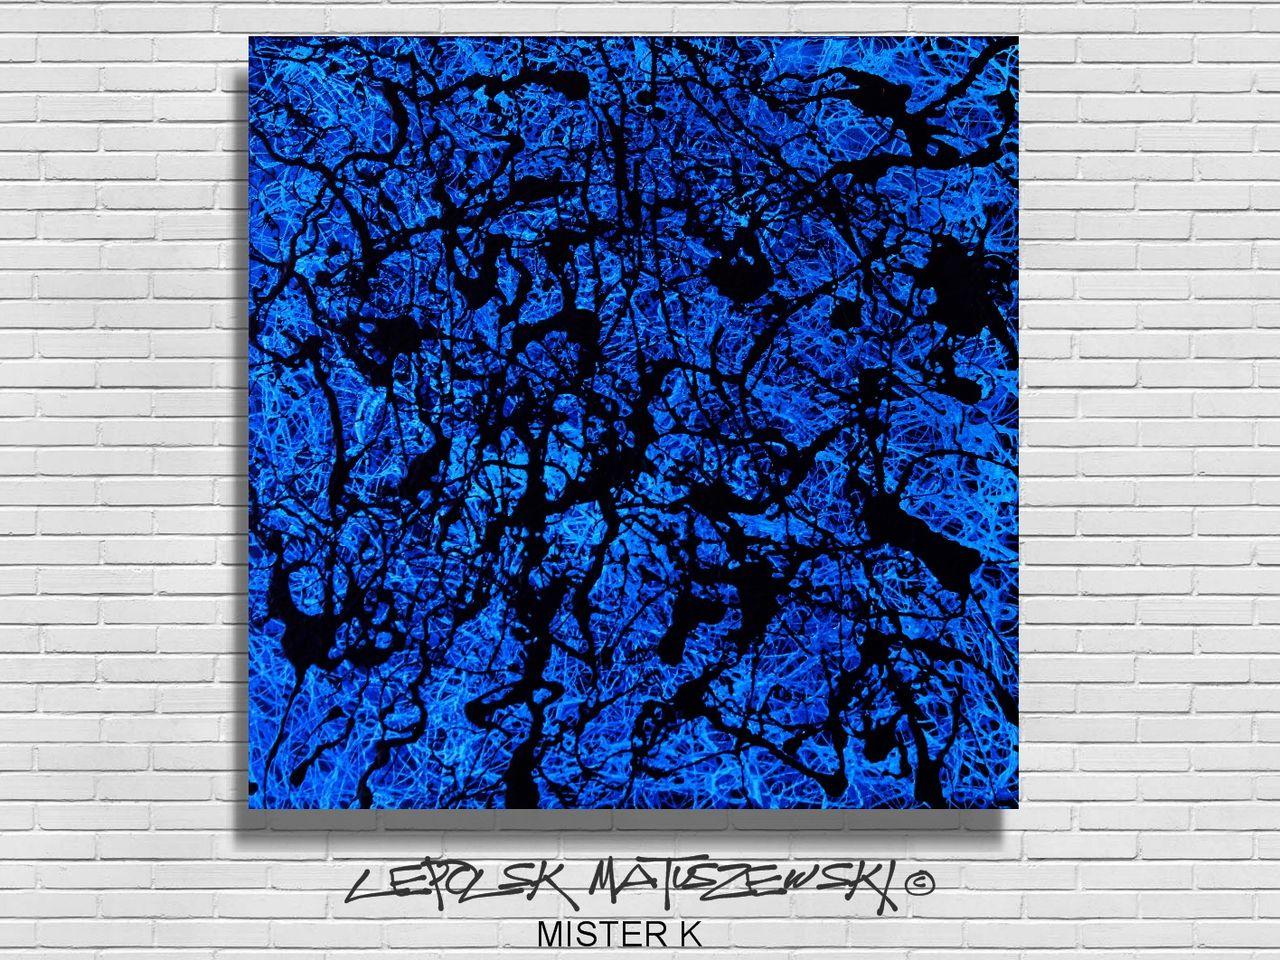 MK  Lepolsk Matuszewski BLUE RAIN   ( expressionnisme abstrait contemporain )